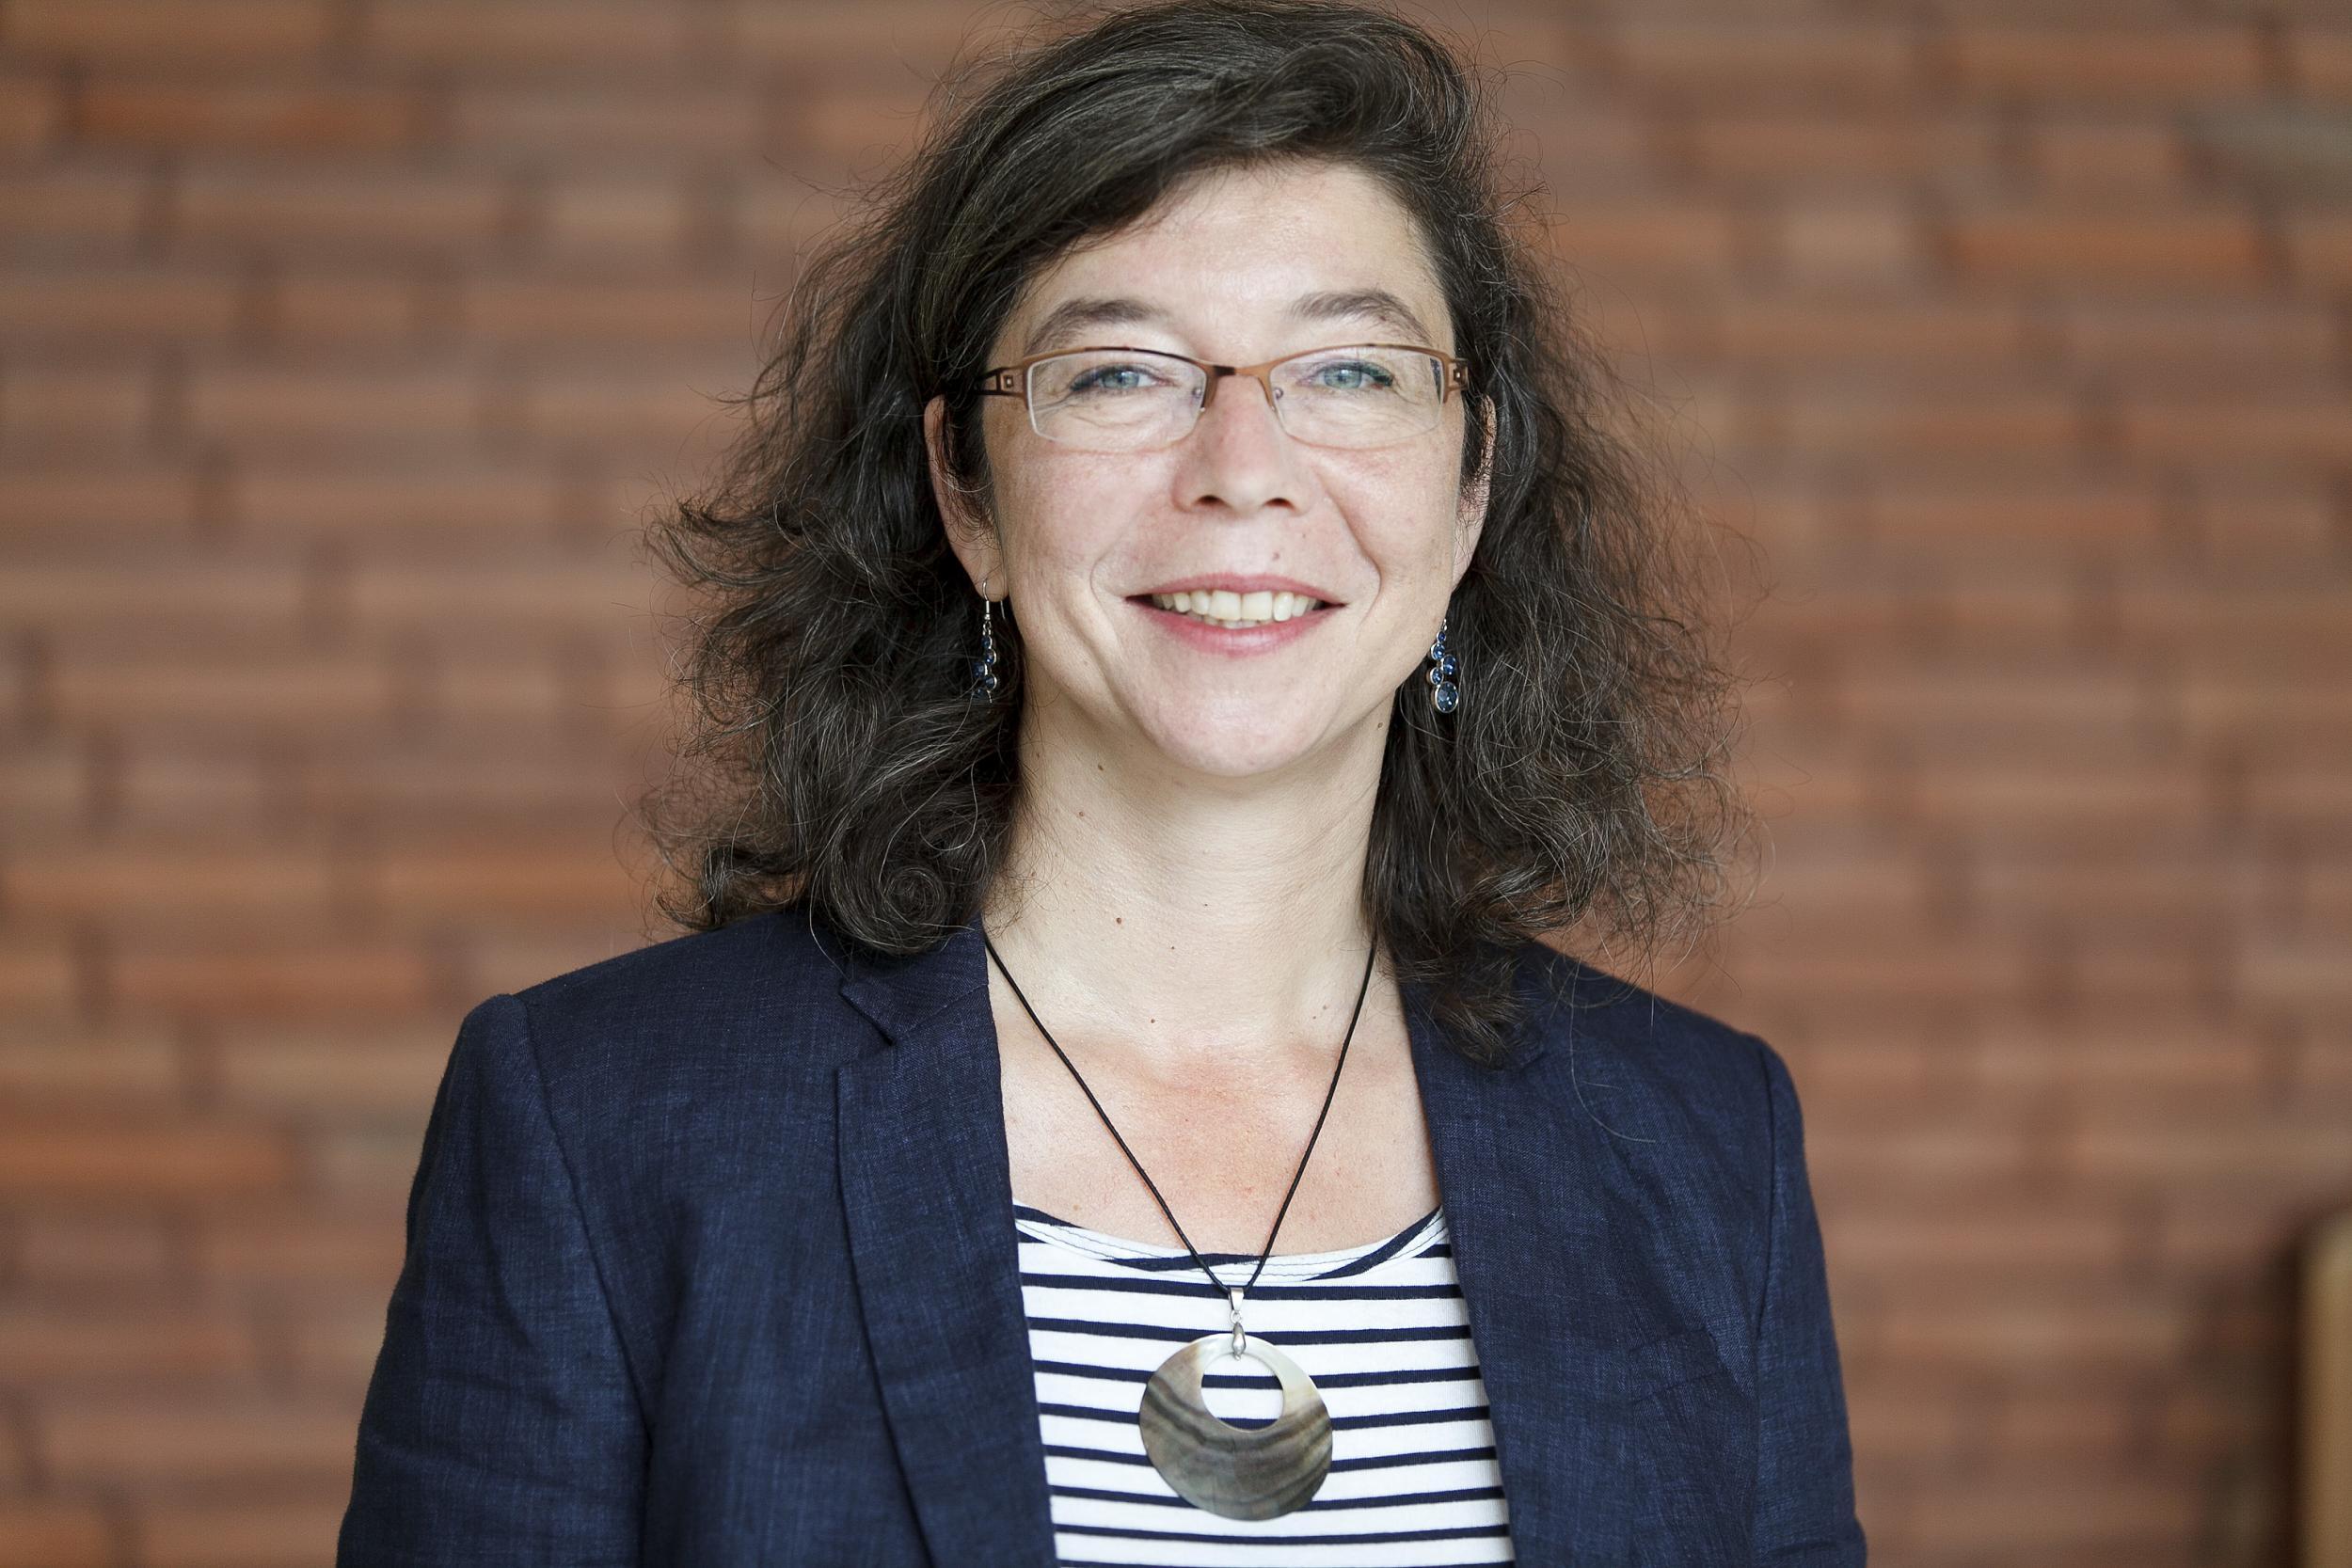 Antje Schmidt-Schleicher